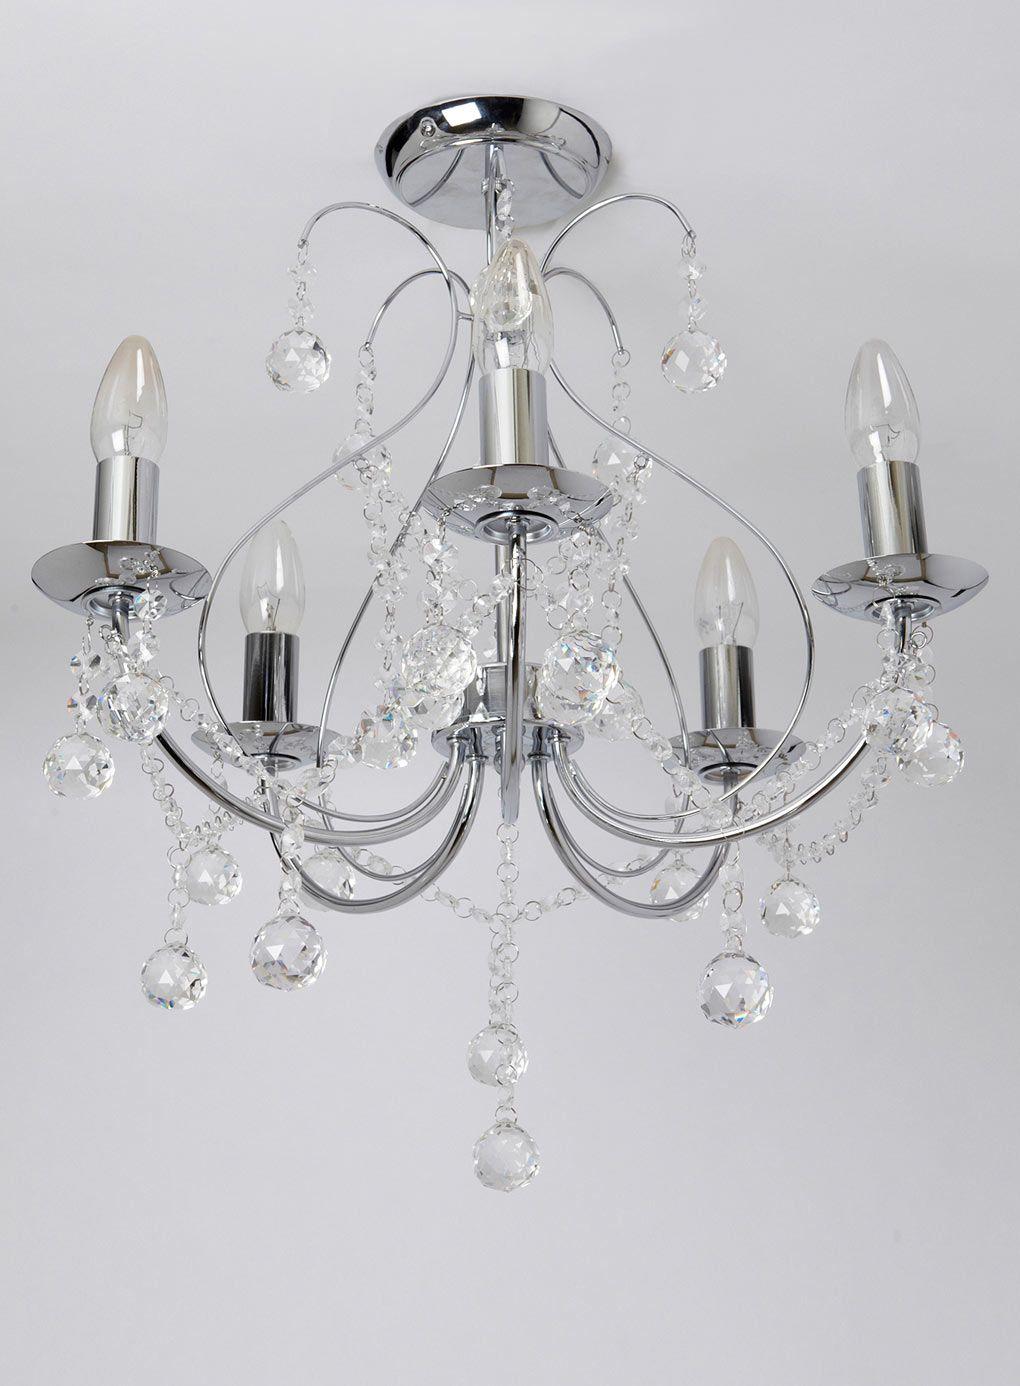 Sapparia 5 Light Flush Chandelier - BHS & Sapparia 5 Light Flush Chandelier - BHS | Living room | Pinterest ...